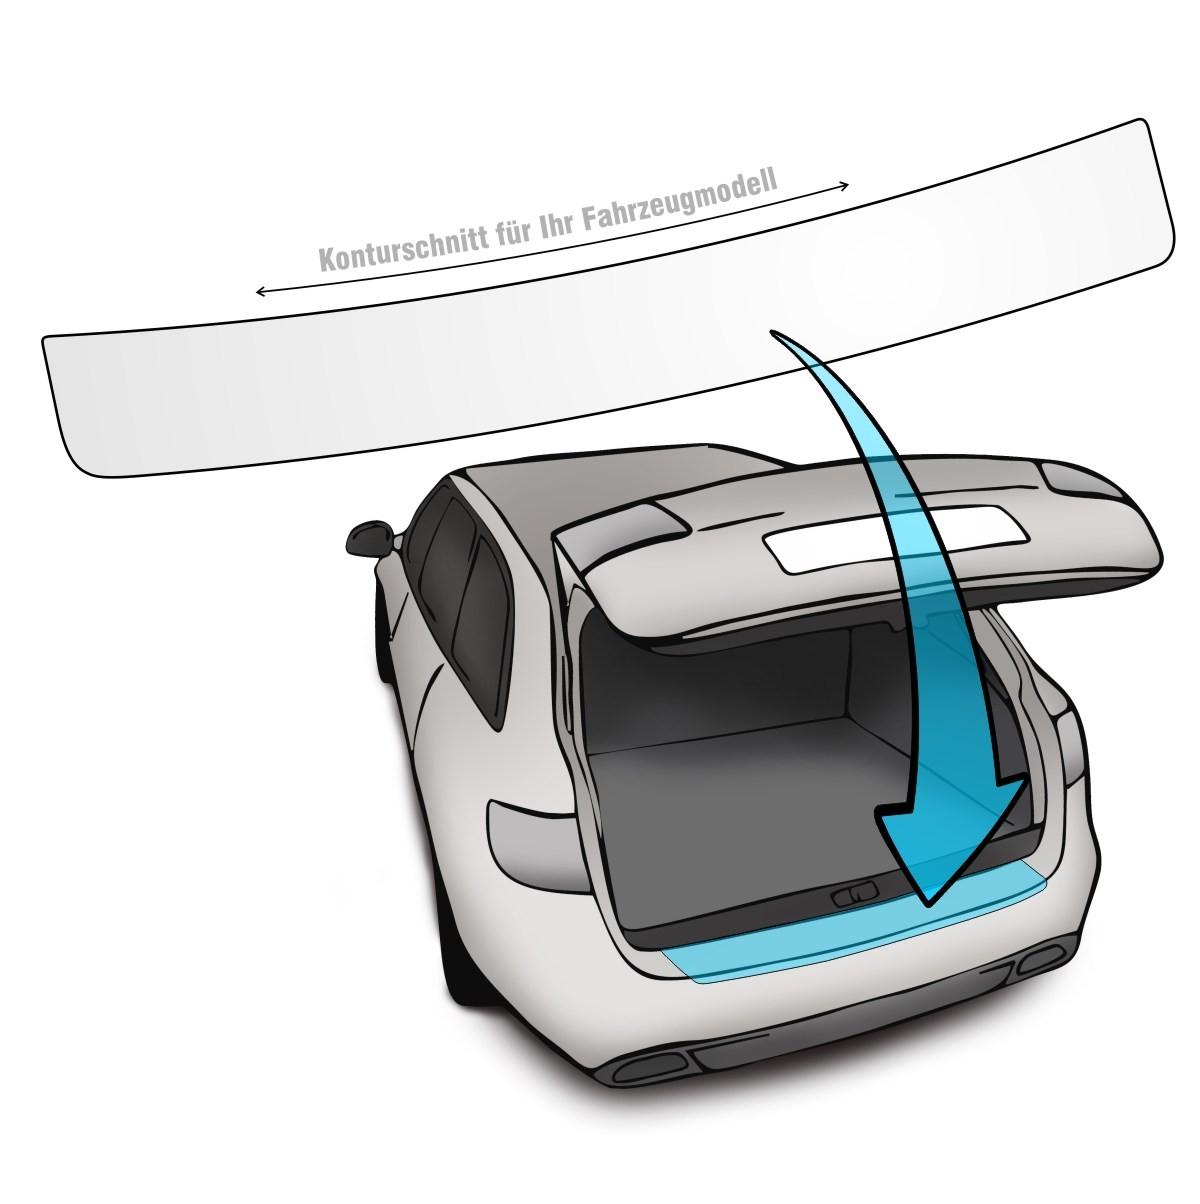 Lackschutzfolie Ladekantenschutz passend für VW Golf 8 VIII Limousine in transparent schwarz oder carbon